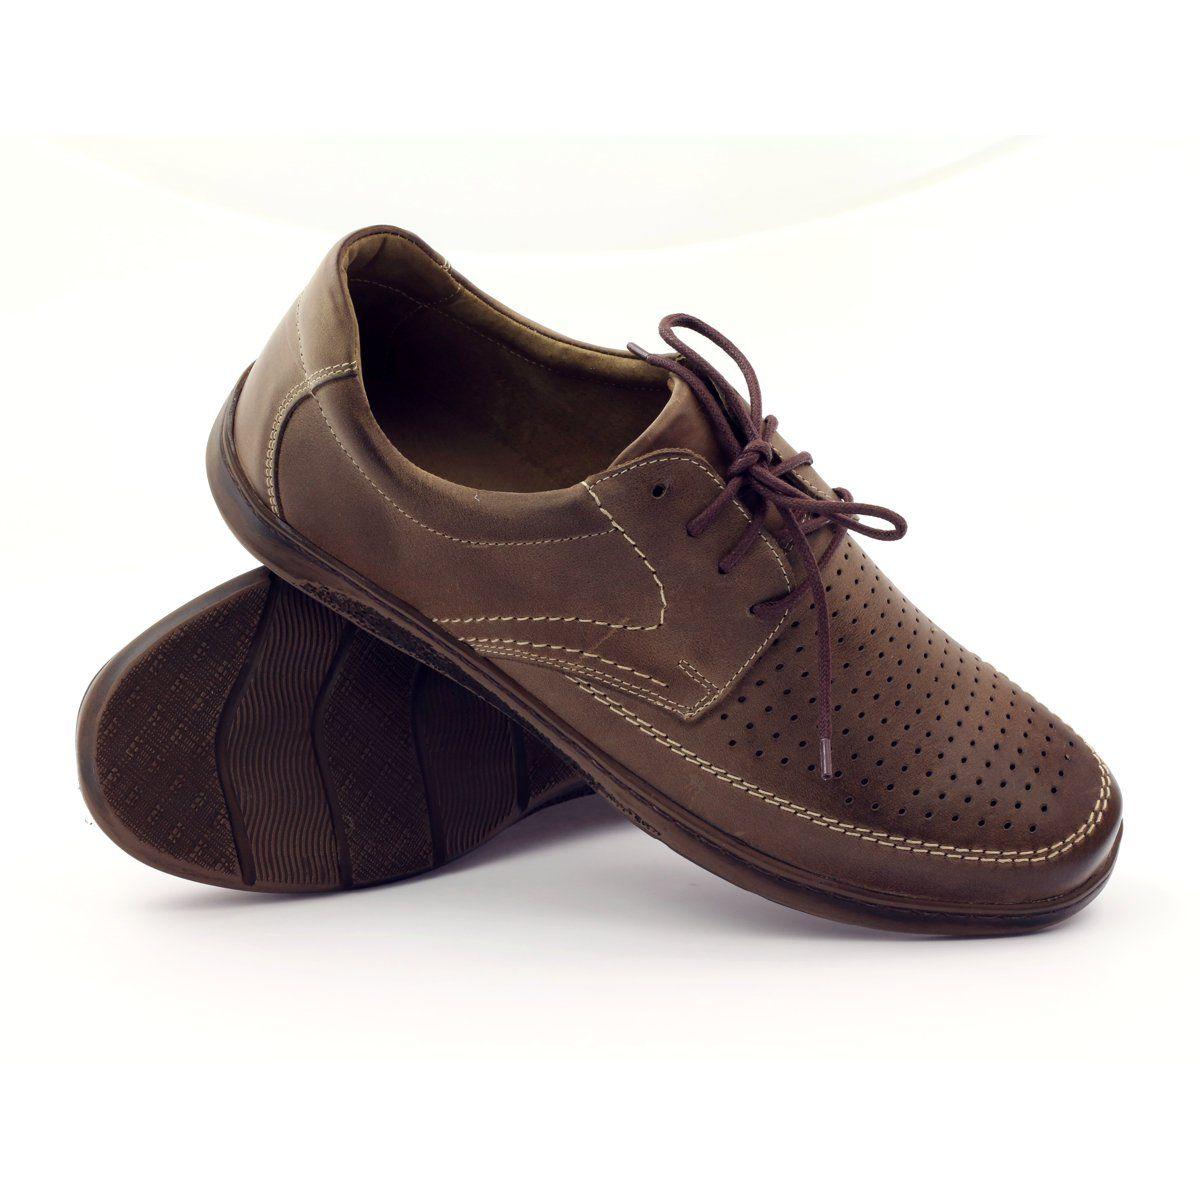 Shoes Men S Riko Riko Men S Shoes With Perforated Shoes 848 Brown Perforated Shoes Mens Shoes Boots Men S Shoes